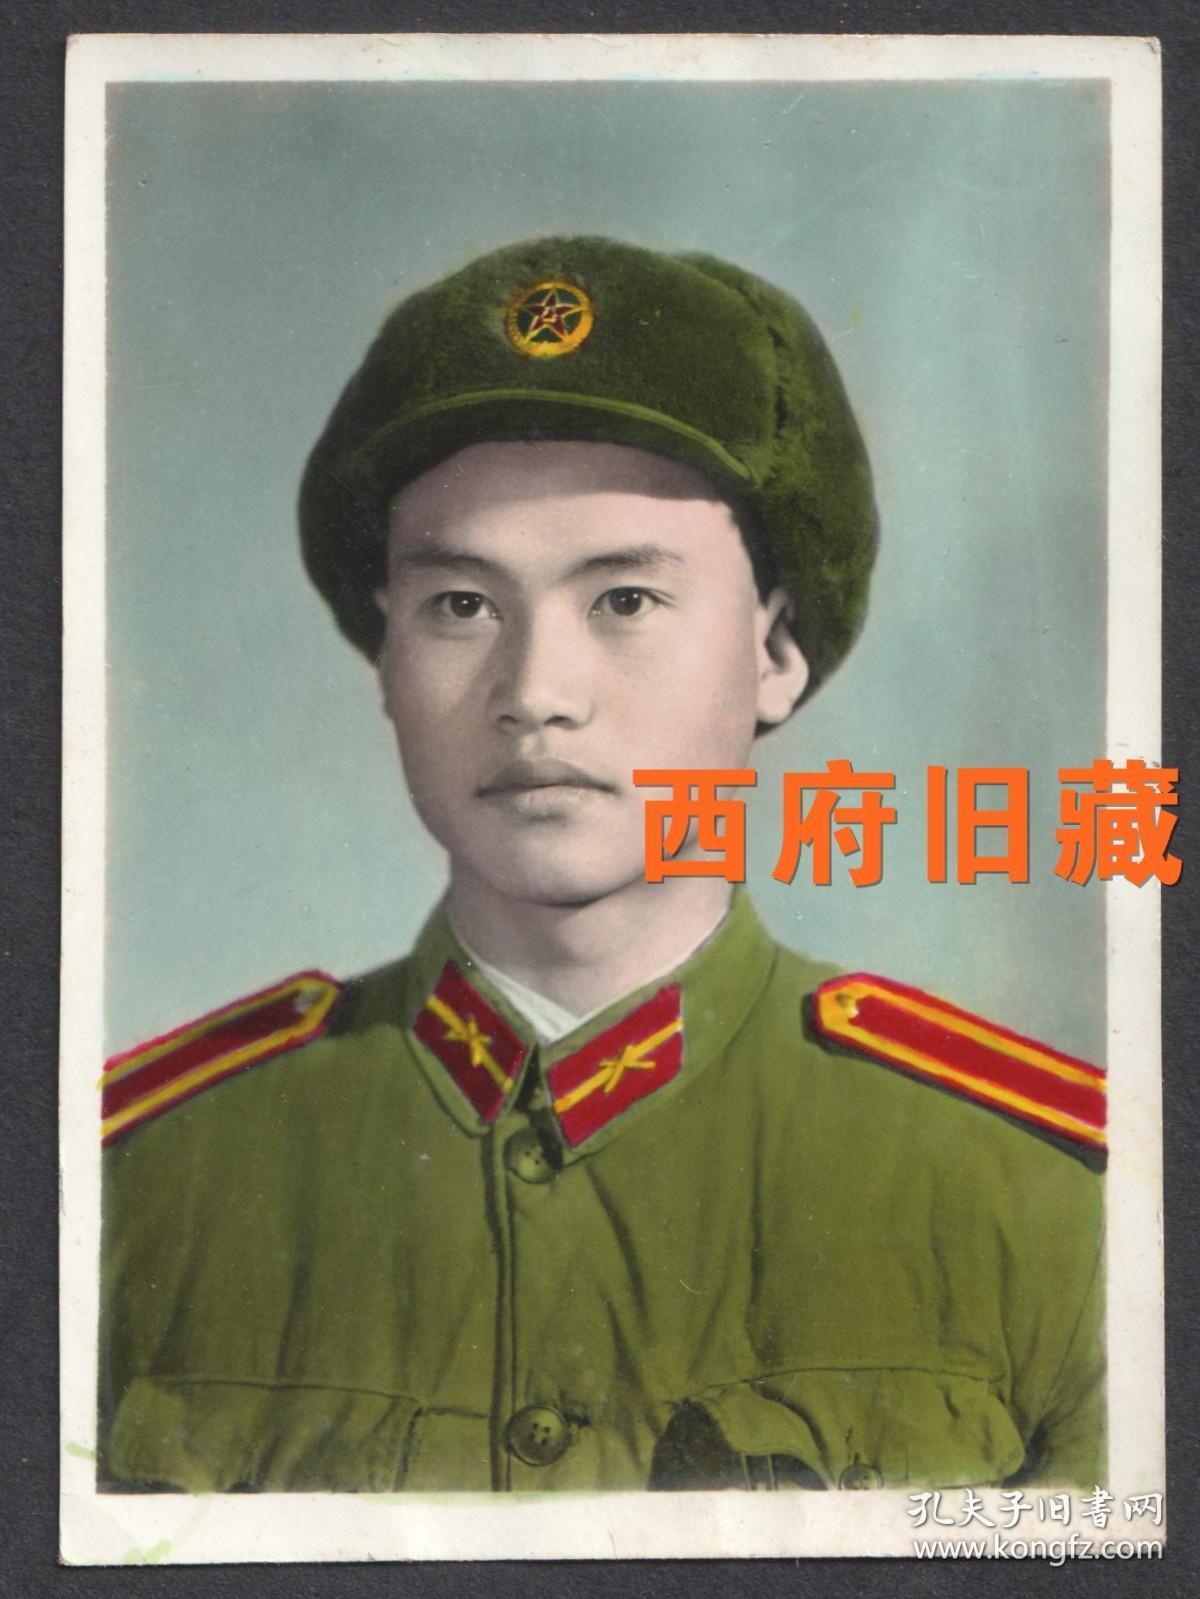 五六十年代,有着刚毅俊朗外形的军人,手工上色老照片